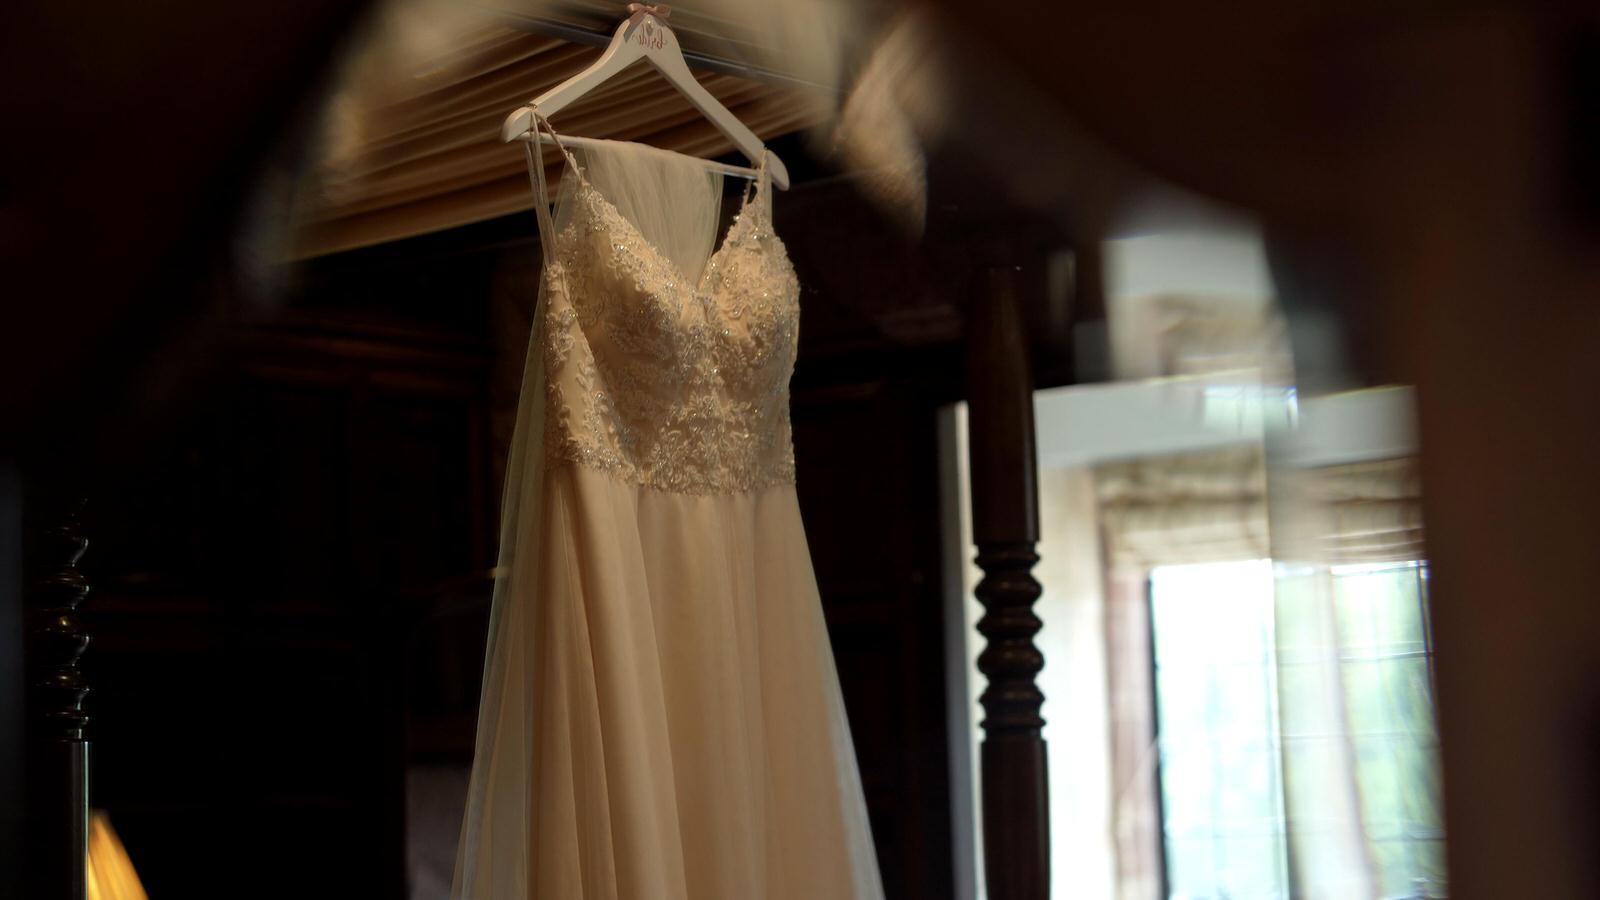 wedding dress hangs in inglewood manor bridal suite